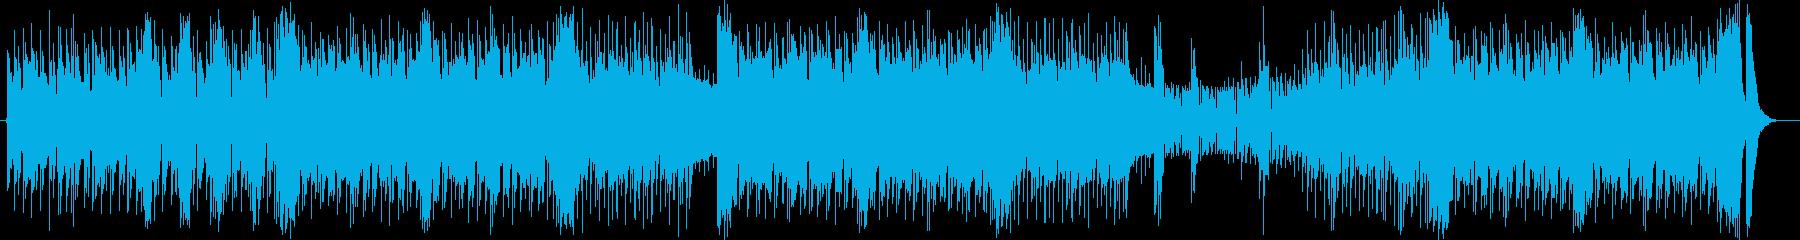 ヘビーでスピーディなエレキロックサウンドの再生済みの波形